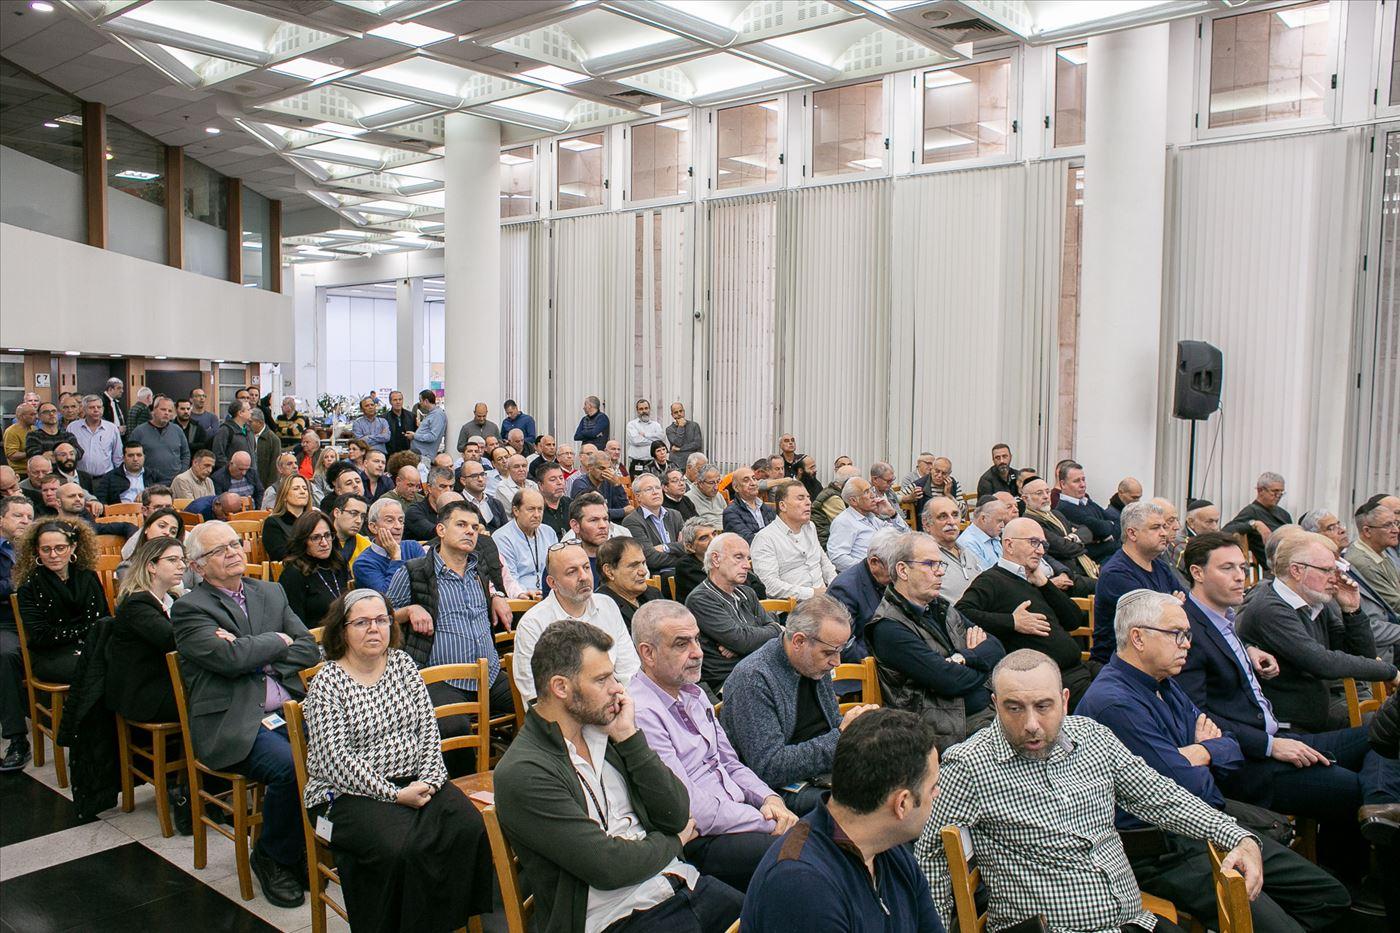 גלרייה - האסיפה הכללית ה-70 תמונה 227 מתוך 239